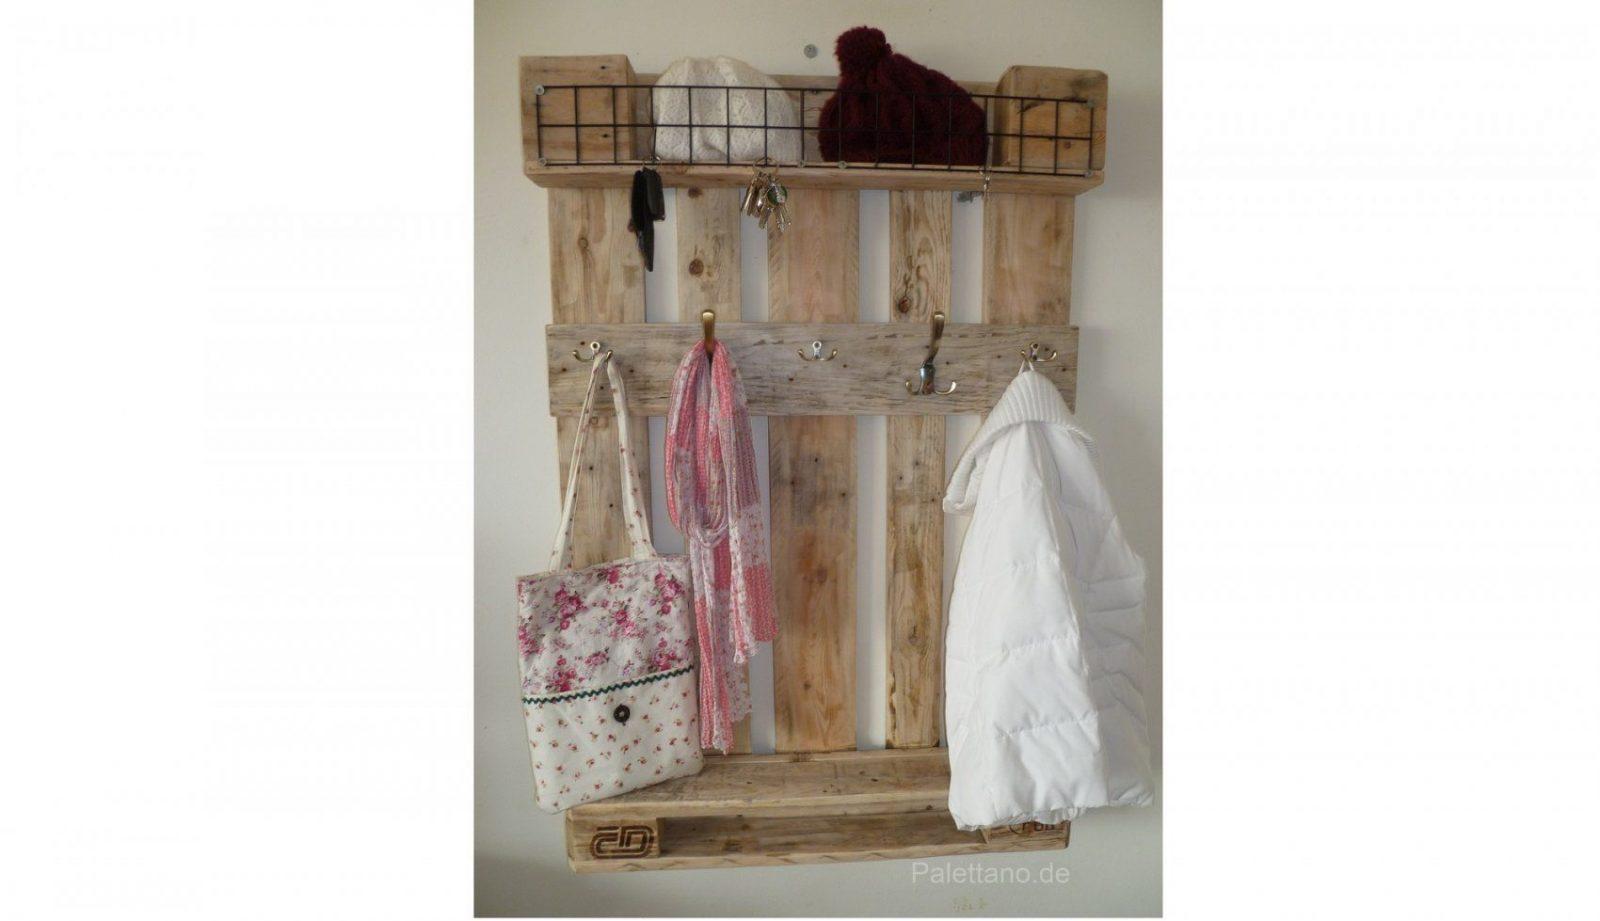 Andere In Bezug Auf Garderoben Garderobe Mit Schlüsselbrett Aus Euro von Garderobe Aus Paletten Selber Bauen Bild